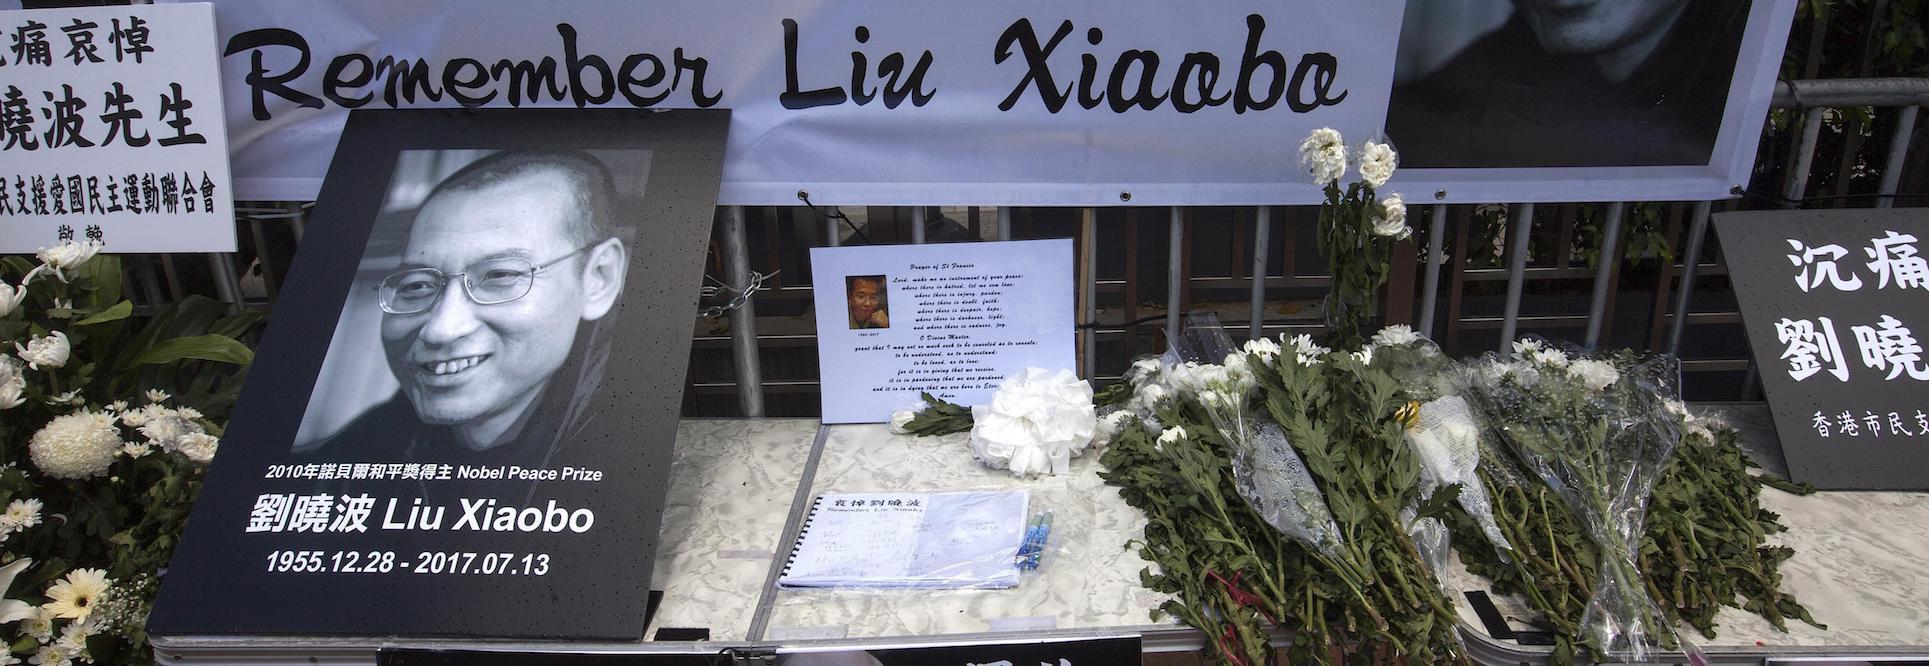 Farewell LiuXiaobo